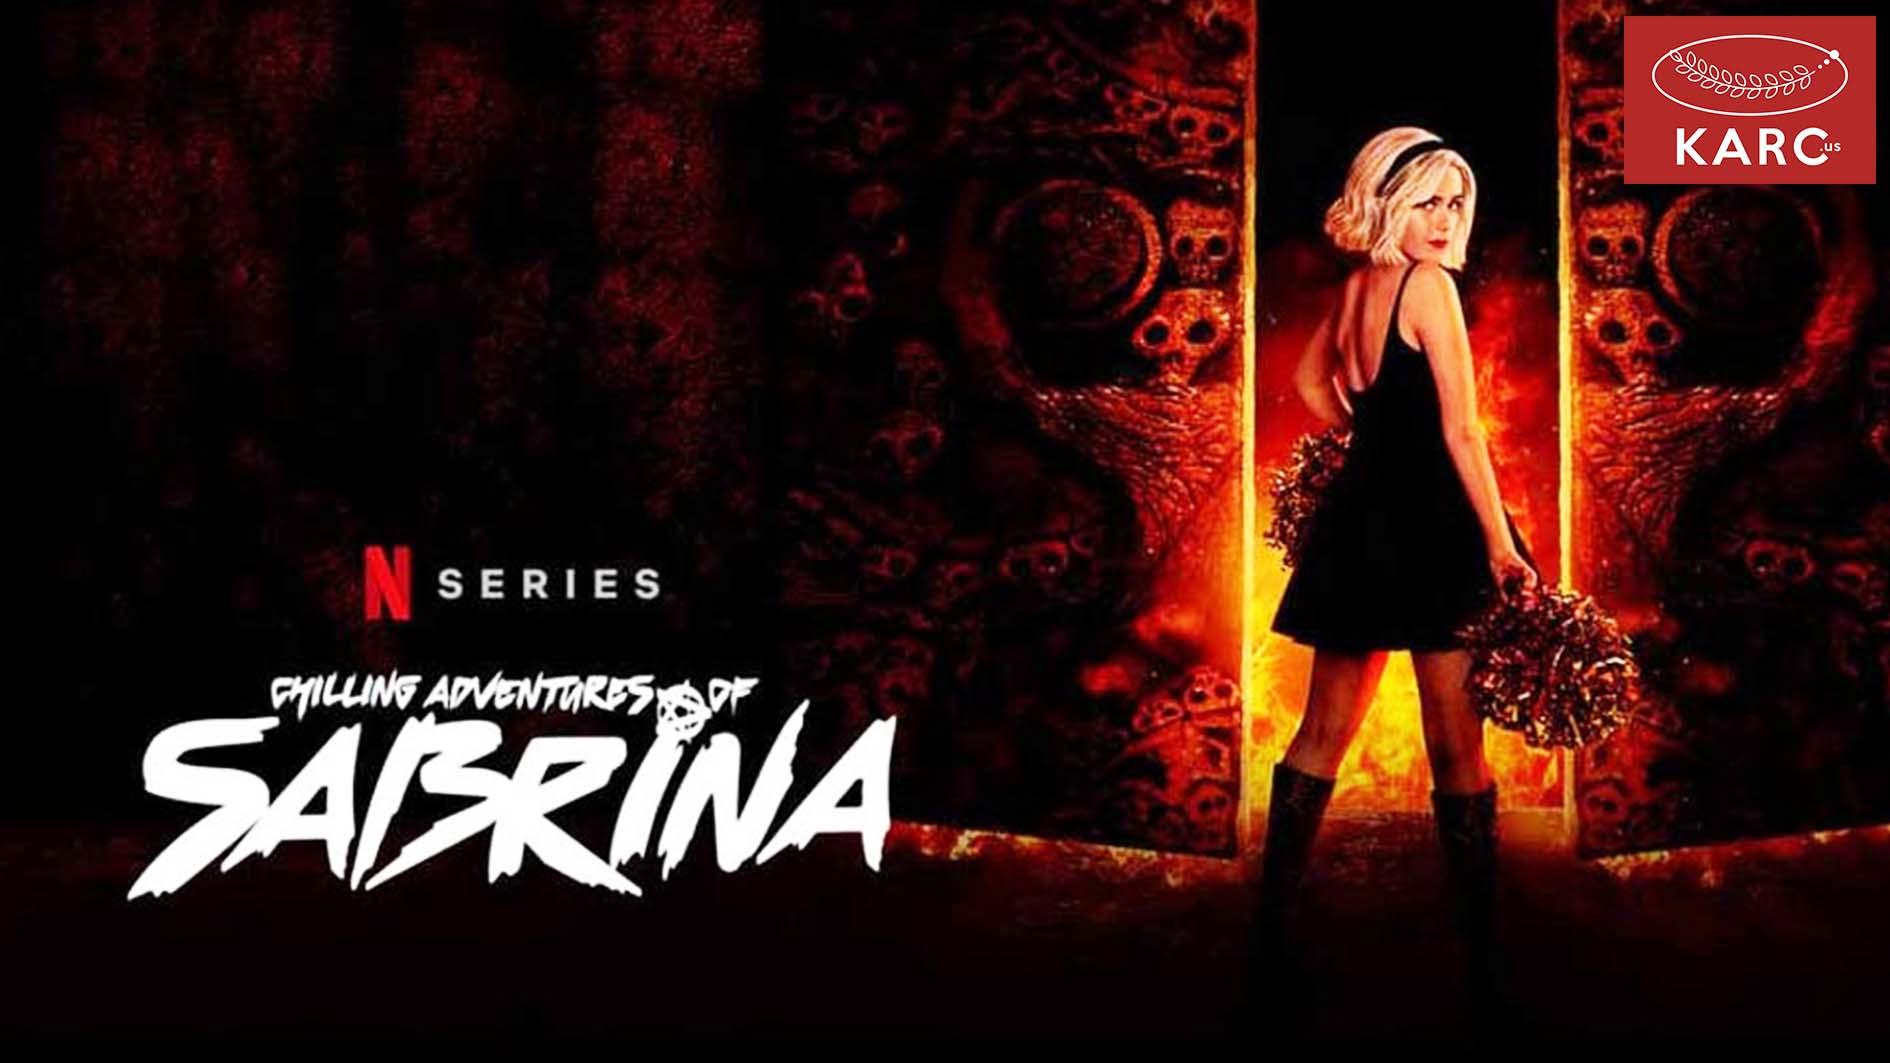 รีวิวซี่รี่ย์ Netflix :: Chilling Adventures of Sabrina สายคำสาปต้องดู วงการภาพยนต์ , แนะนำหนังดี , แนะนำหนังน่าดู , หนังน่าดู , #รีวิวหนังใหม่ , ก่อนตายต้องได้ดู! , ข่าวดารา , ข่าวเด่นประเด็นร้อน , รีวิวหนังใหม่ , หนังดังในอดีต , karc.us ,